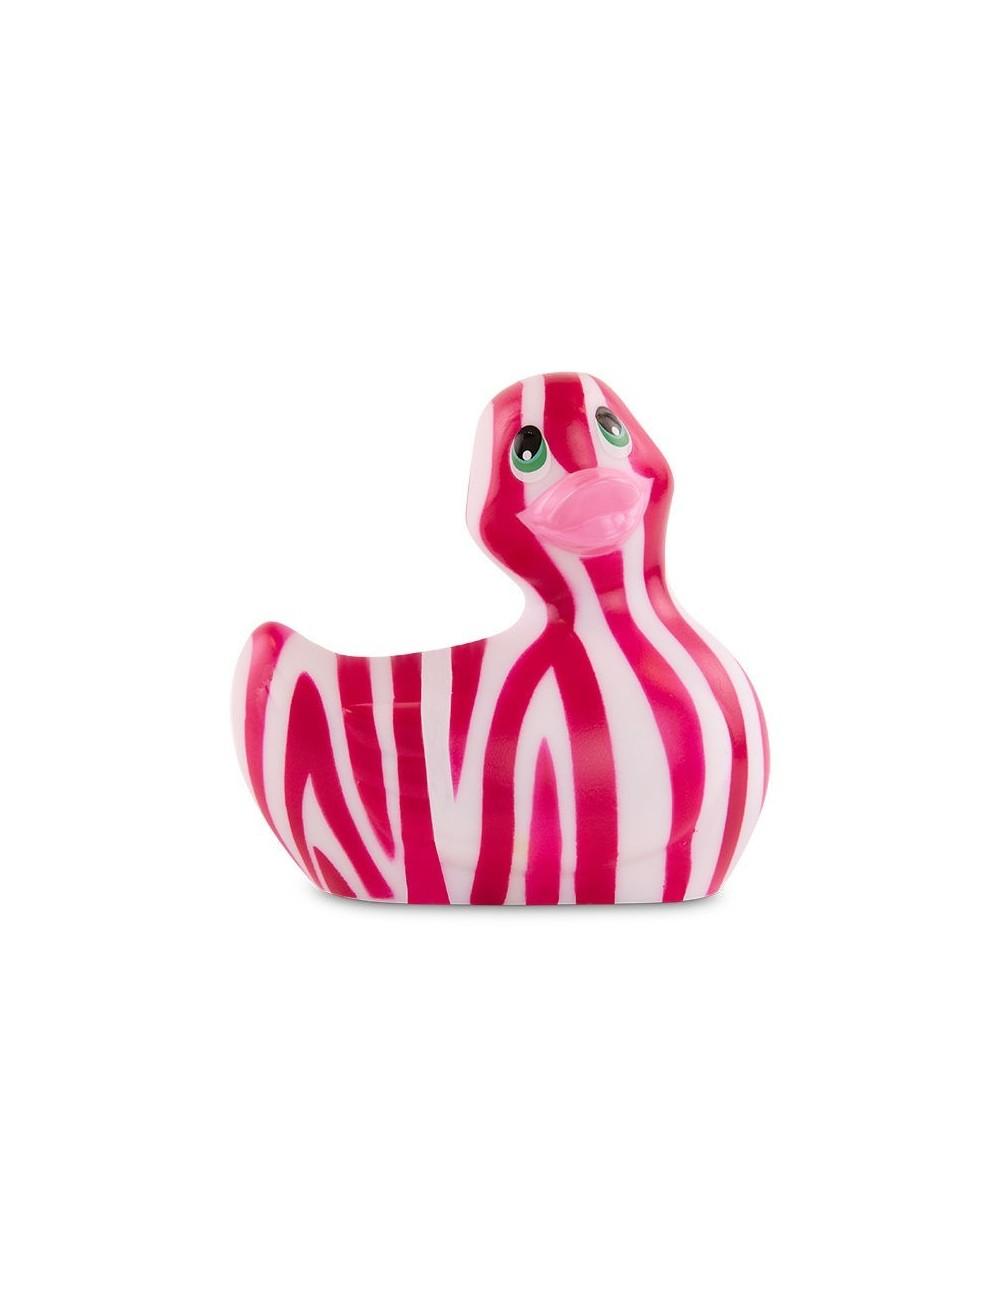 Canard vibrant Duckie 2.0 Tigré Big Teaze Toys